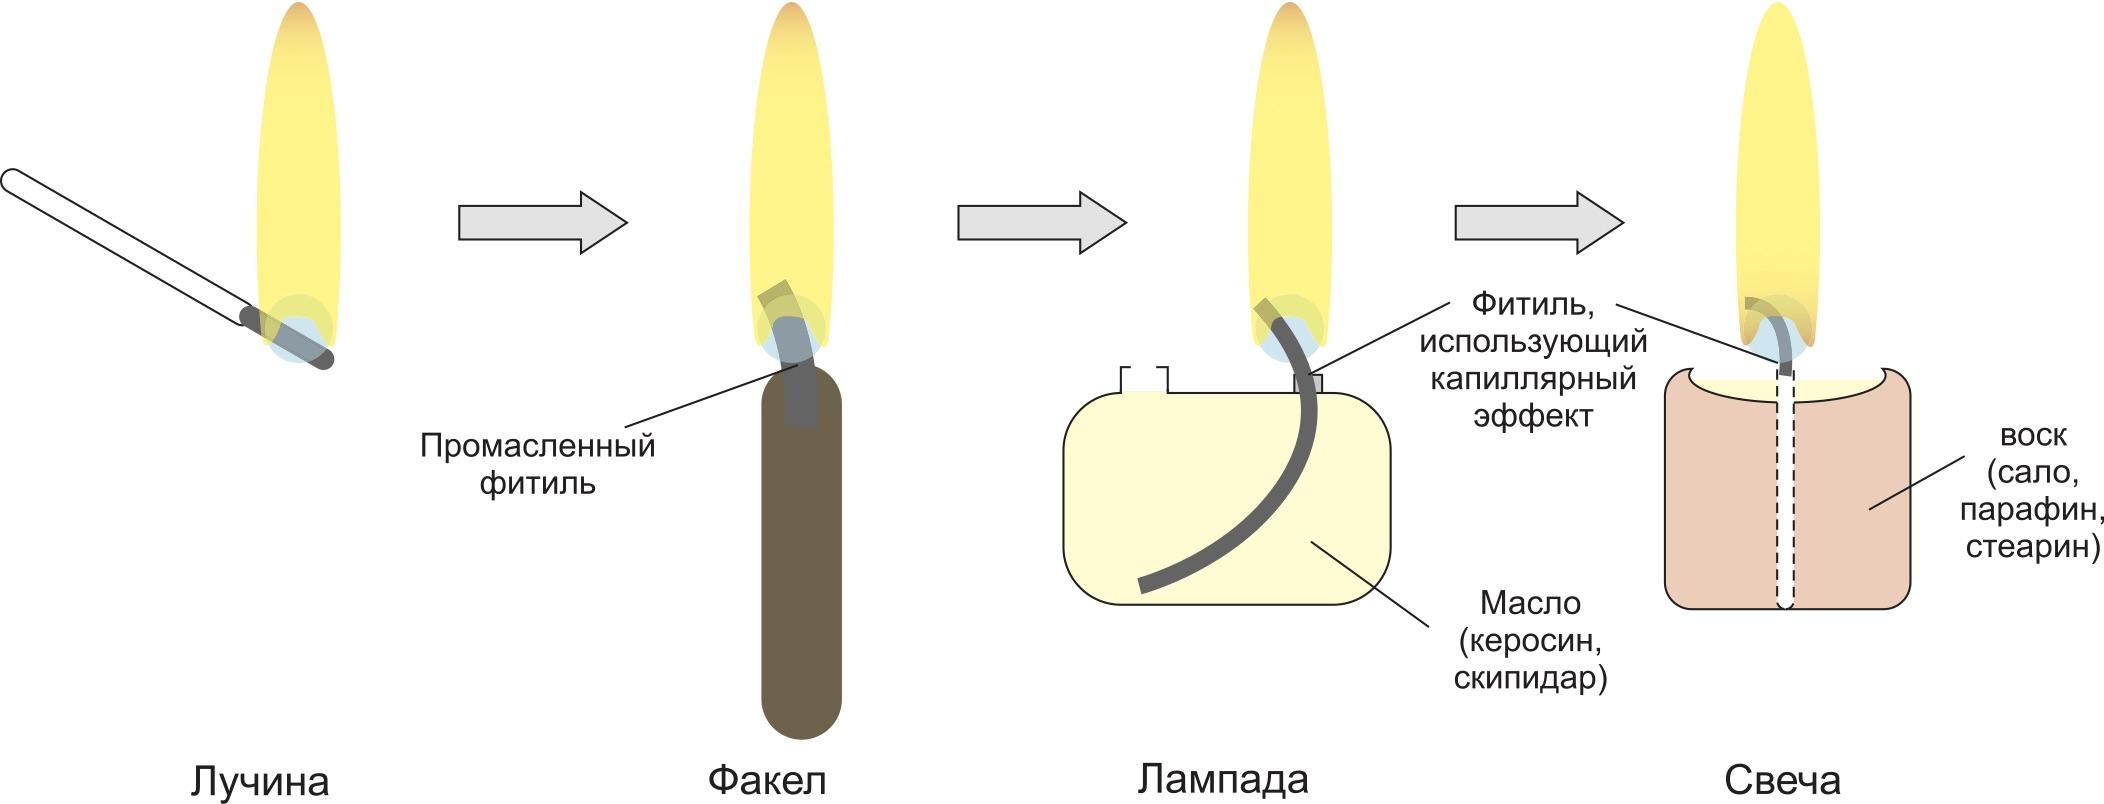 Эволюция светильников на углеводородном топливе